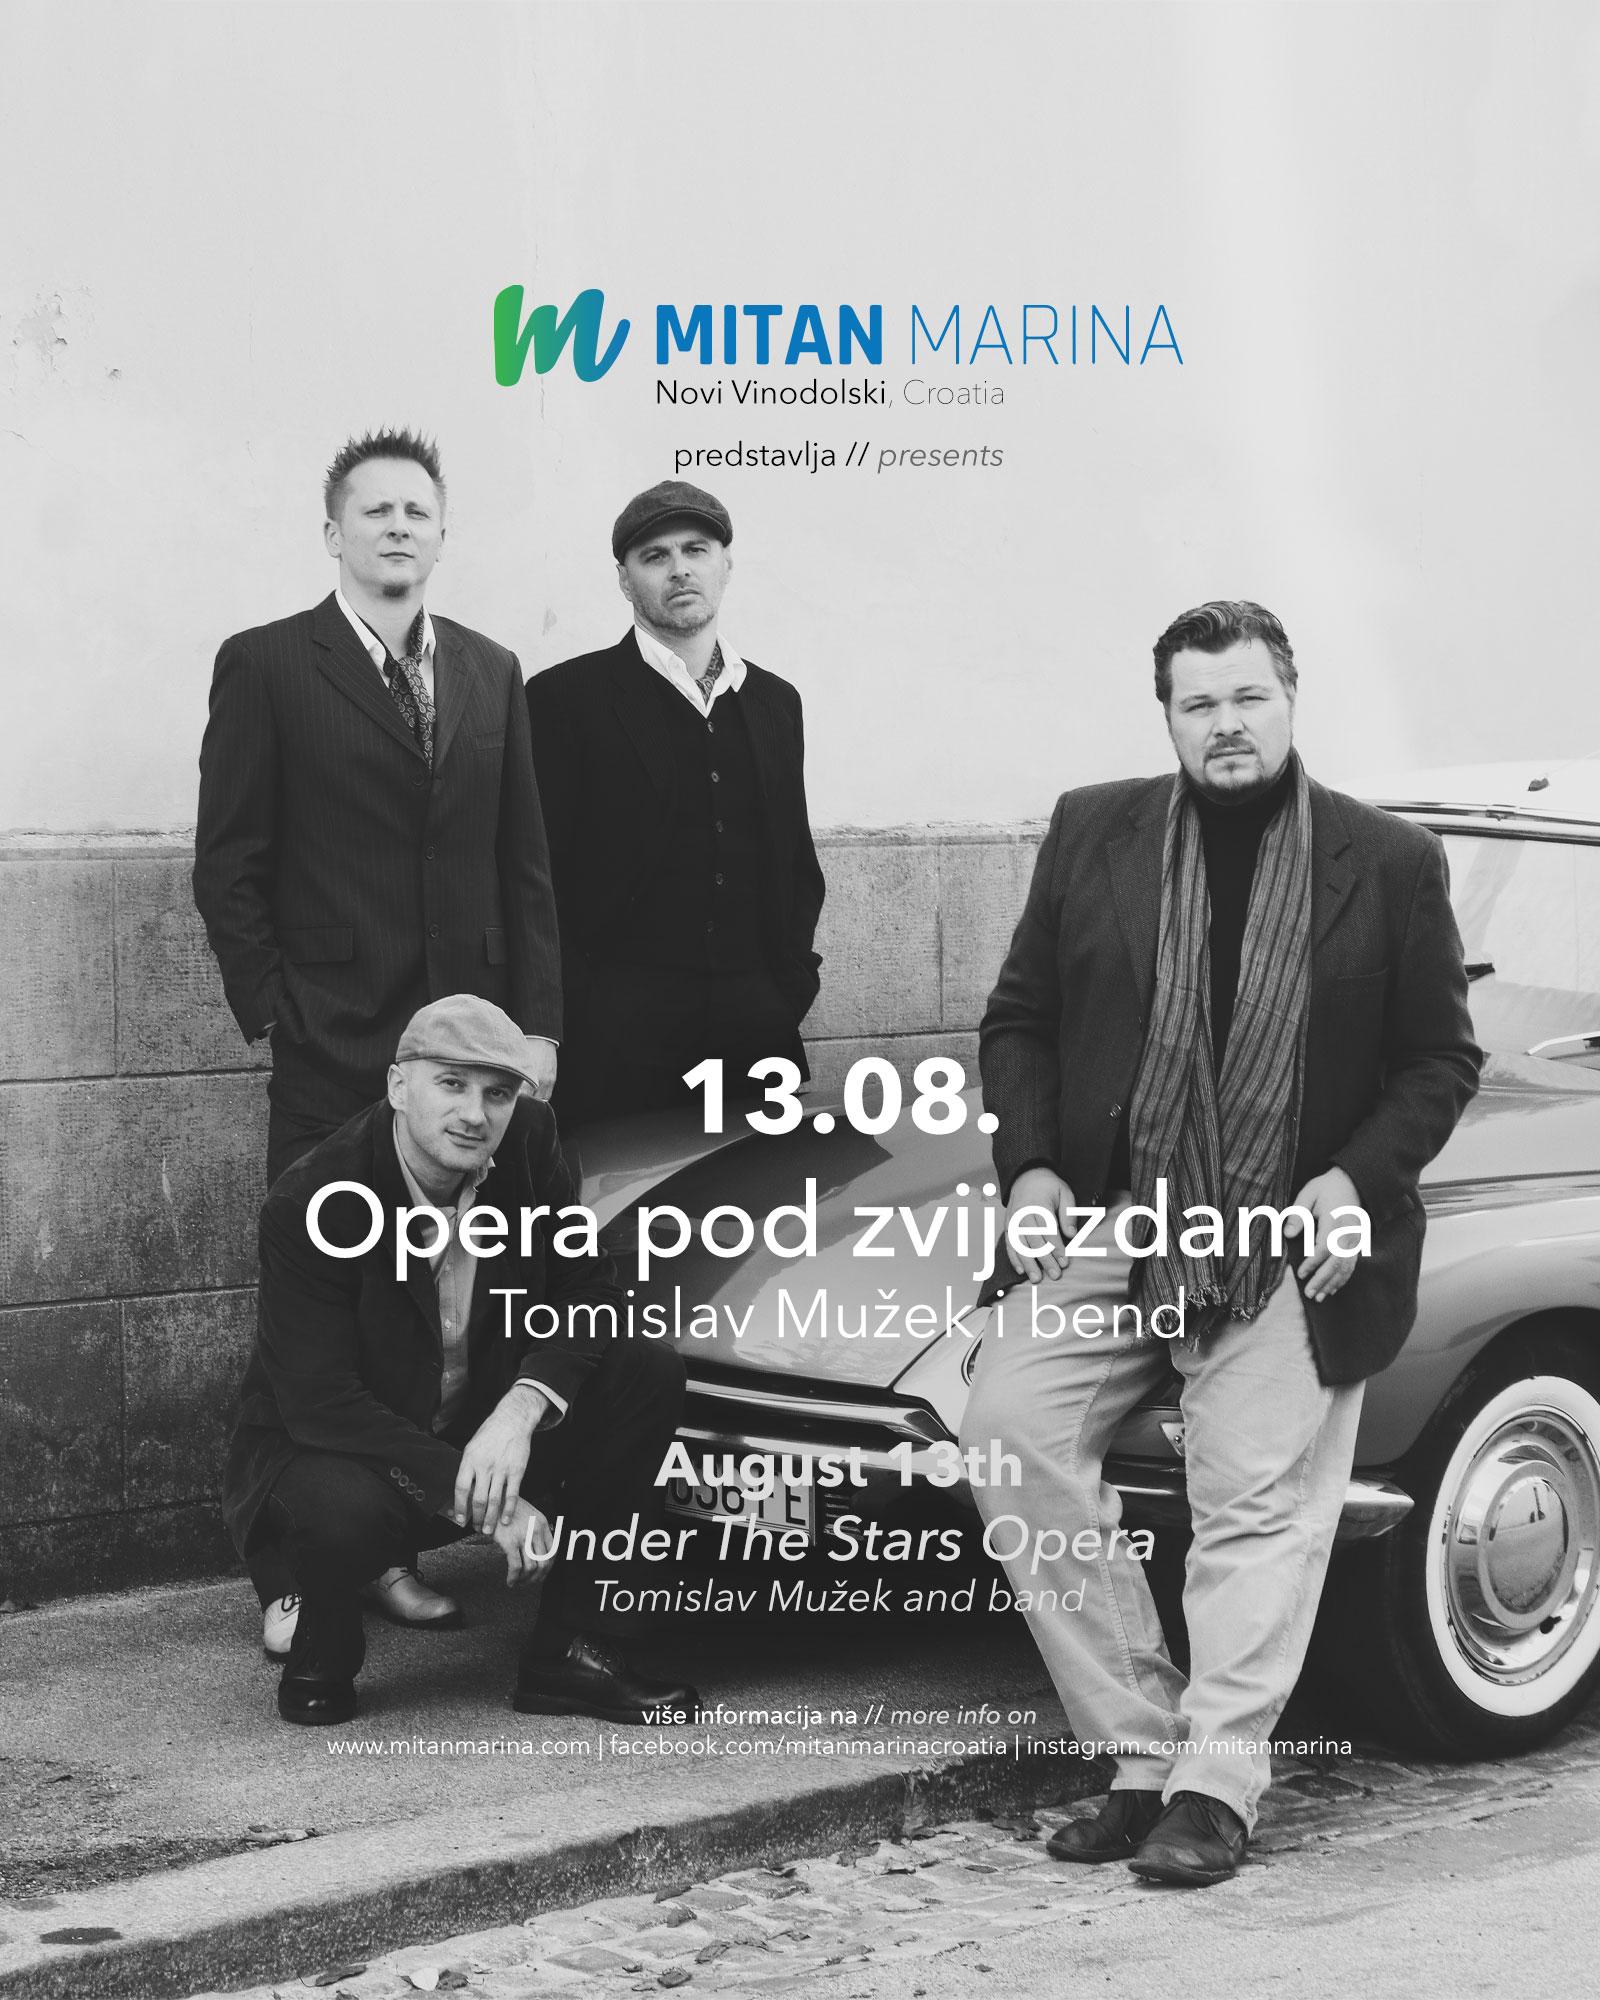 """""""Opera pod zvijezdama"""" uz Tomislava Mužeka u Mitan Marini"""